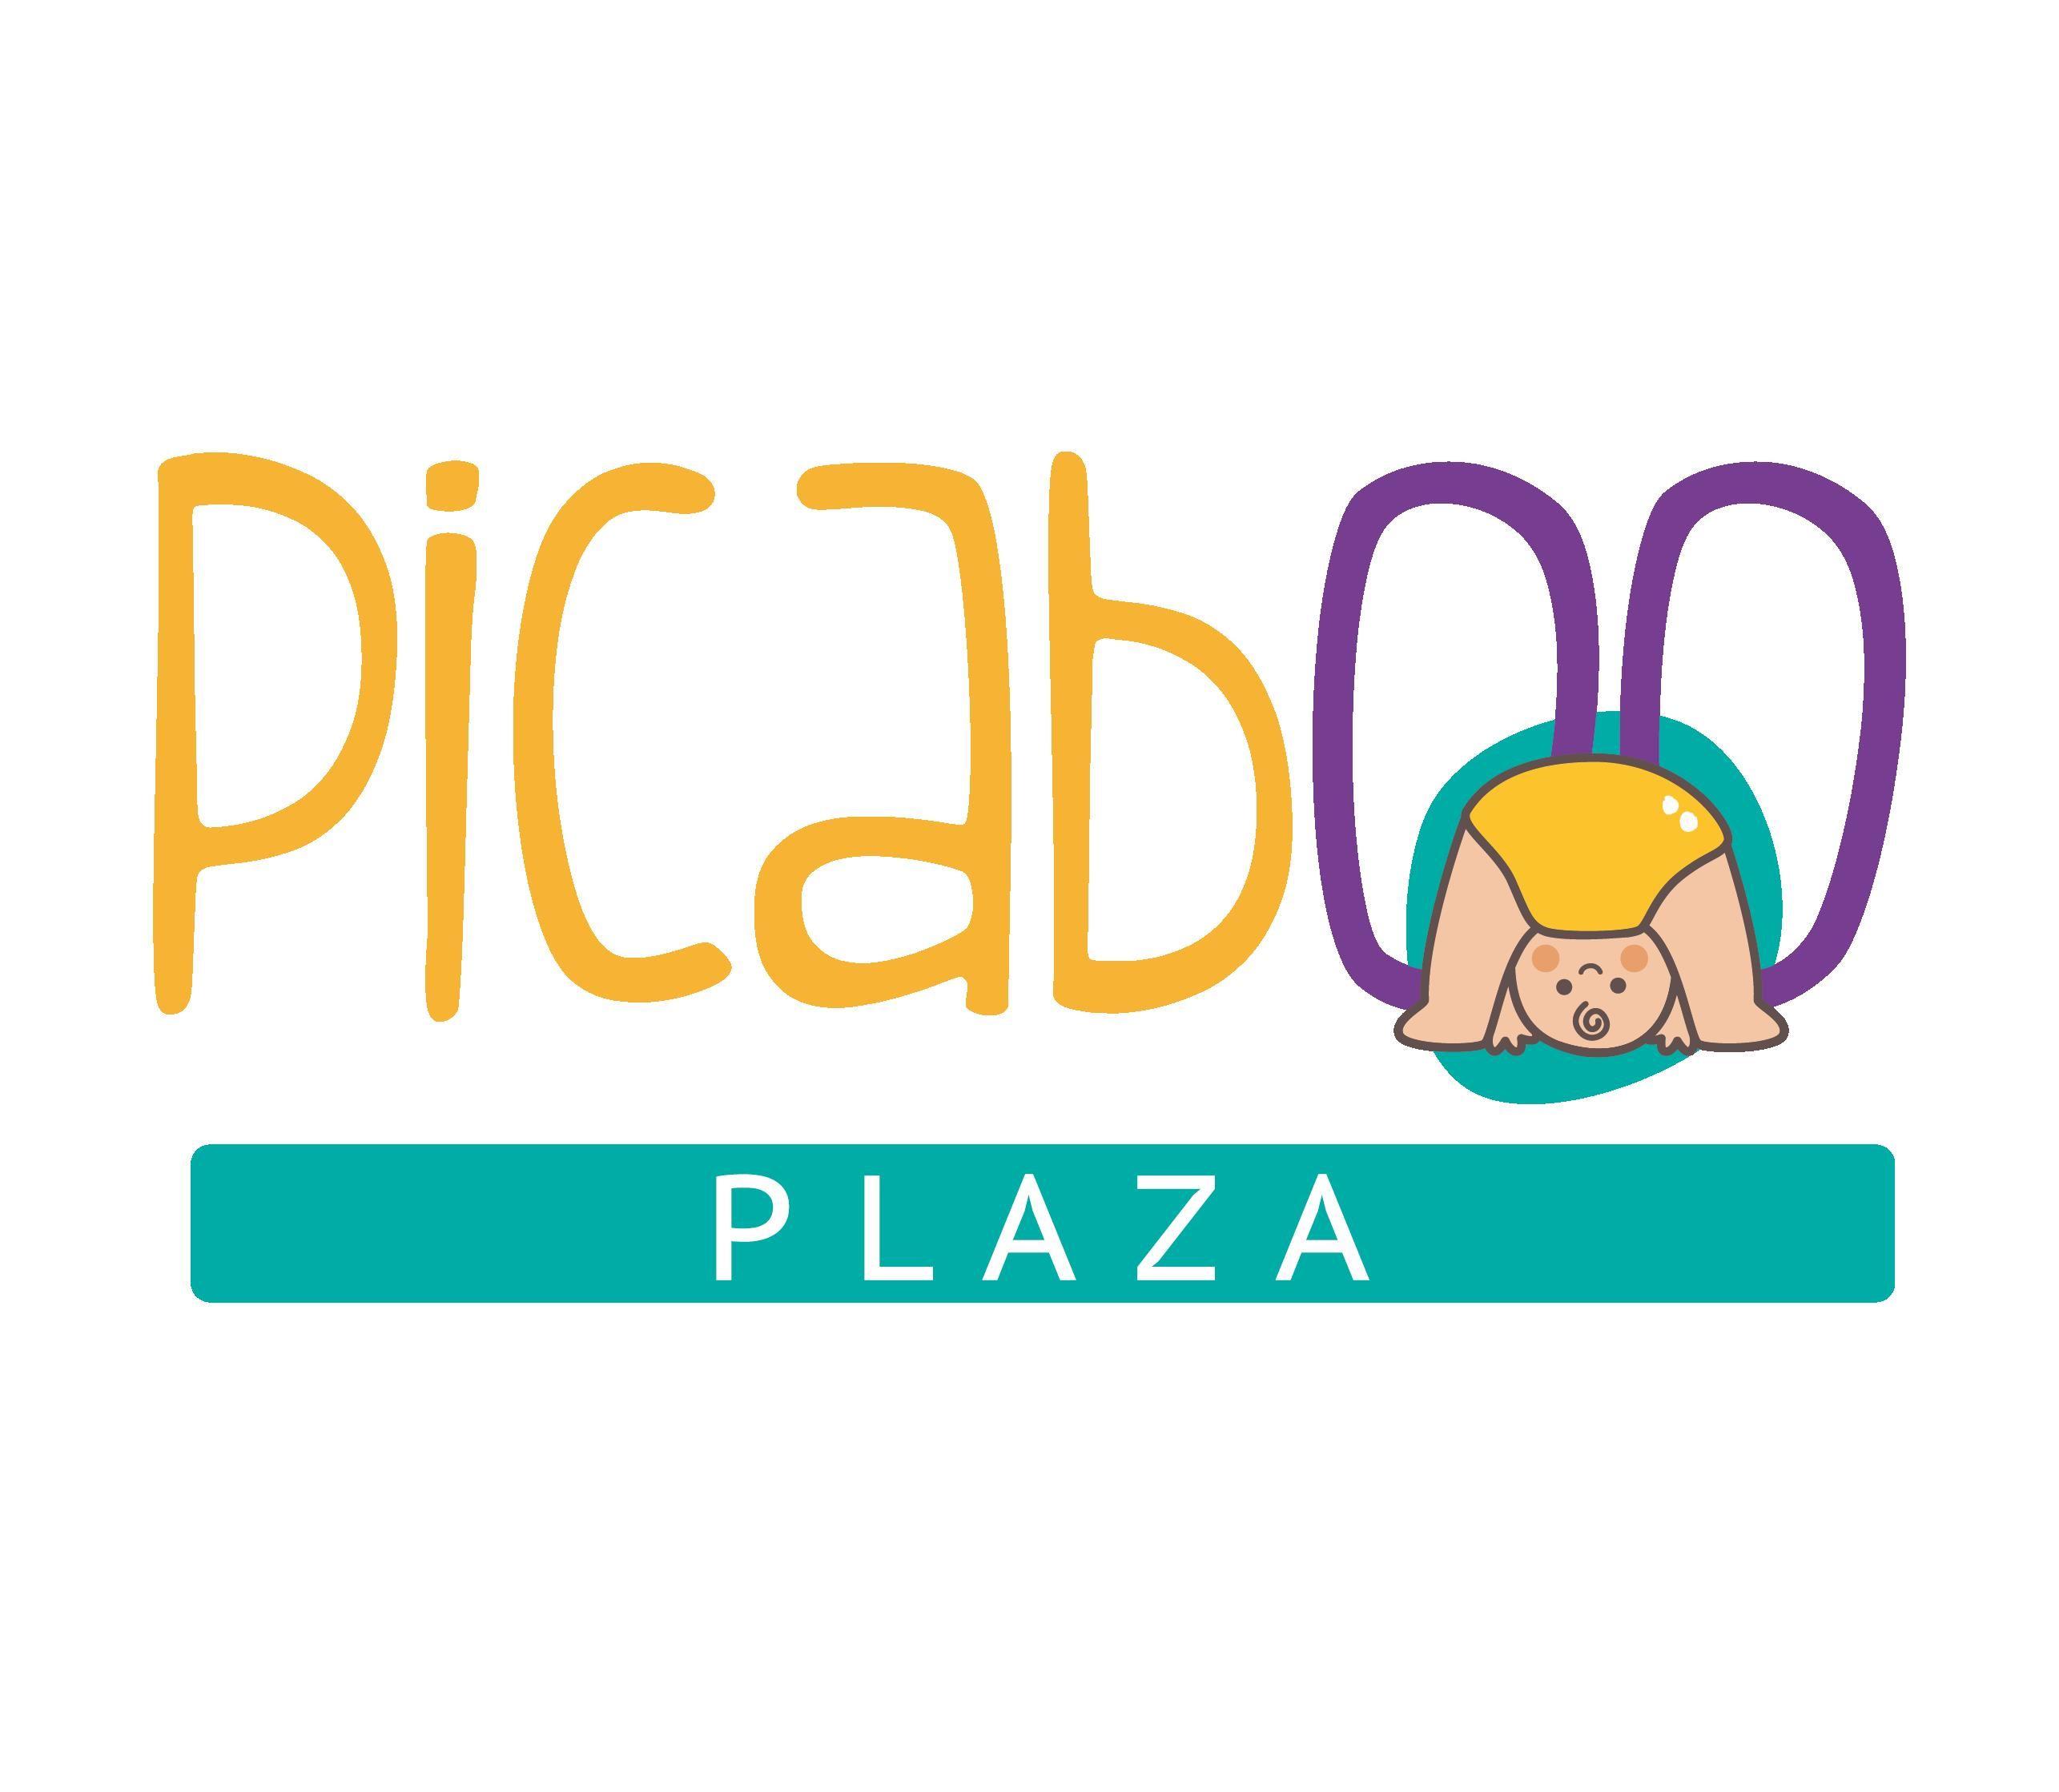 9d0221ff4 Picaboo Plaza - Tienda Online Oficial | Juntoz.com